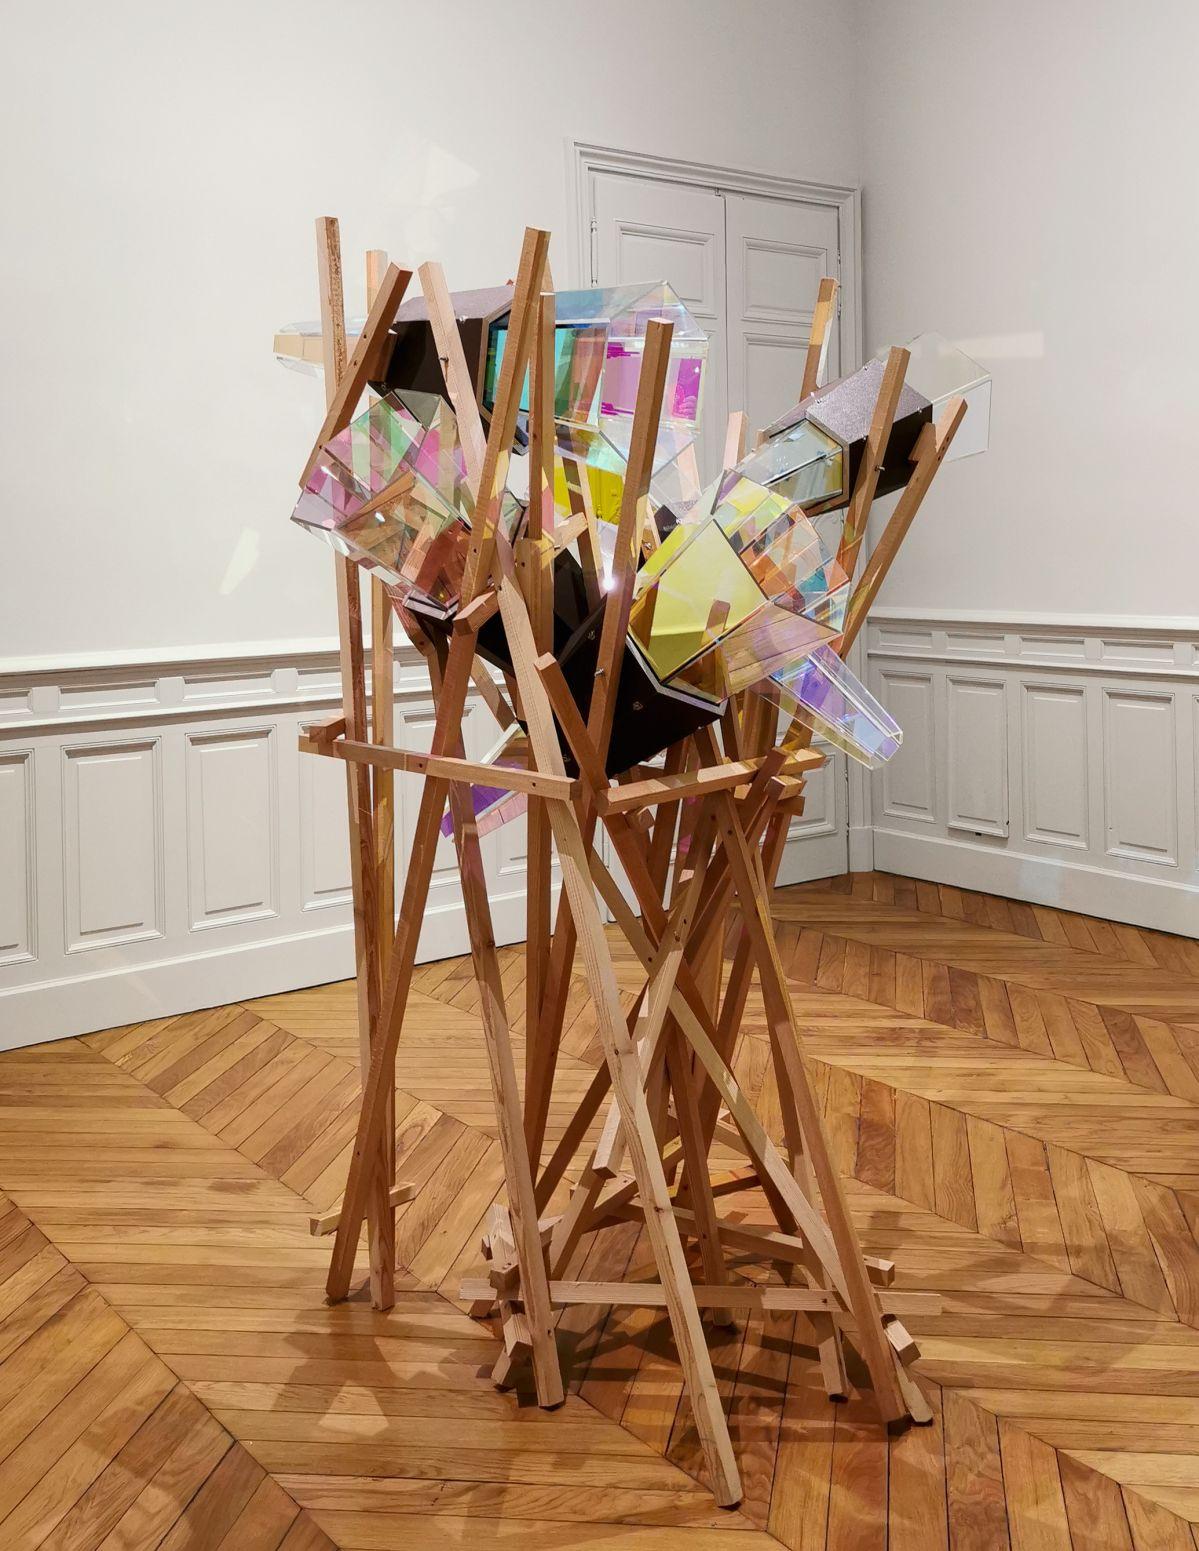 Olafur Eliasson - Ma Cartographie - la collection Erling Kagge à la Fondation Vincent van Gogh Arles